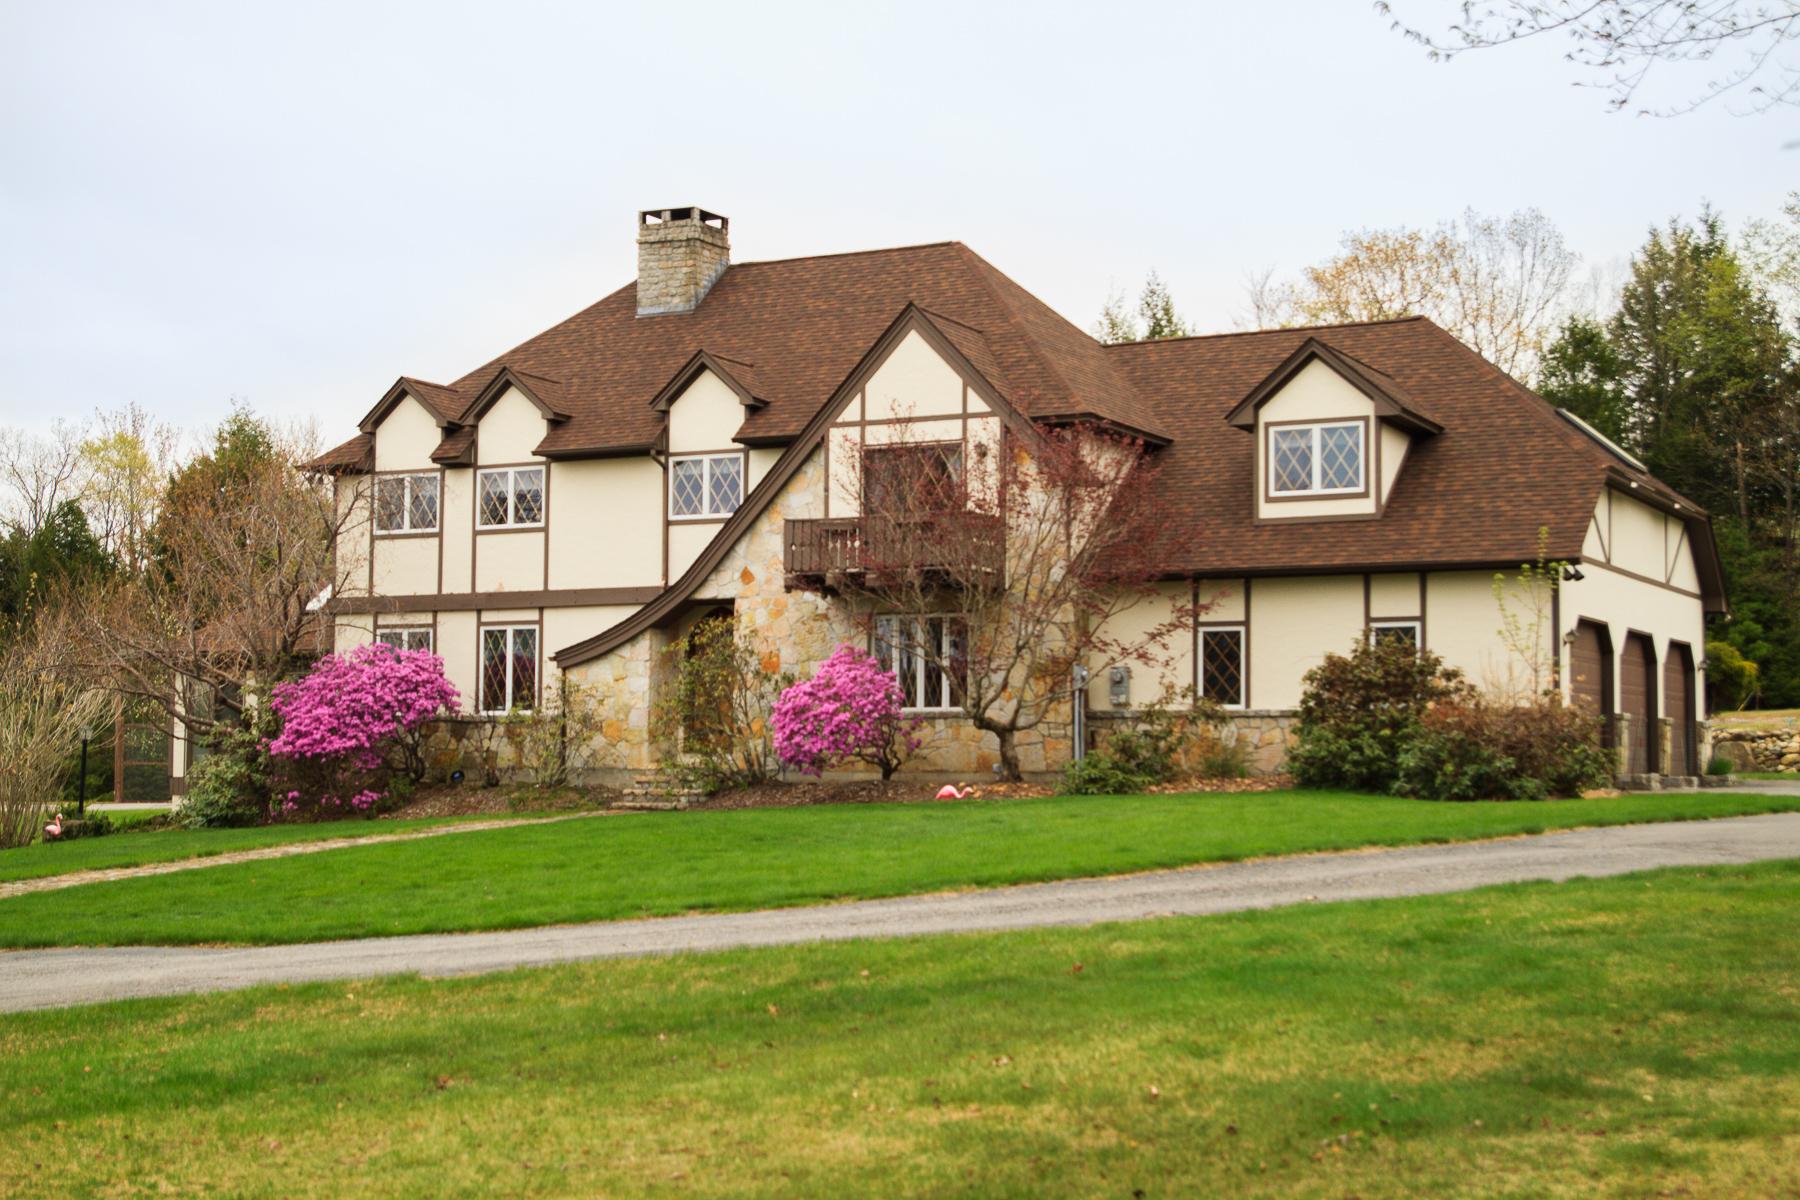 獨棟家庭住宅 為 出售 在 819 Old Homestead Hwy, Richmond Richmond, 新罕布什爾州 03470 美國